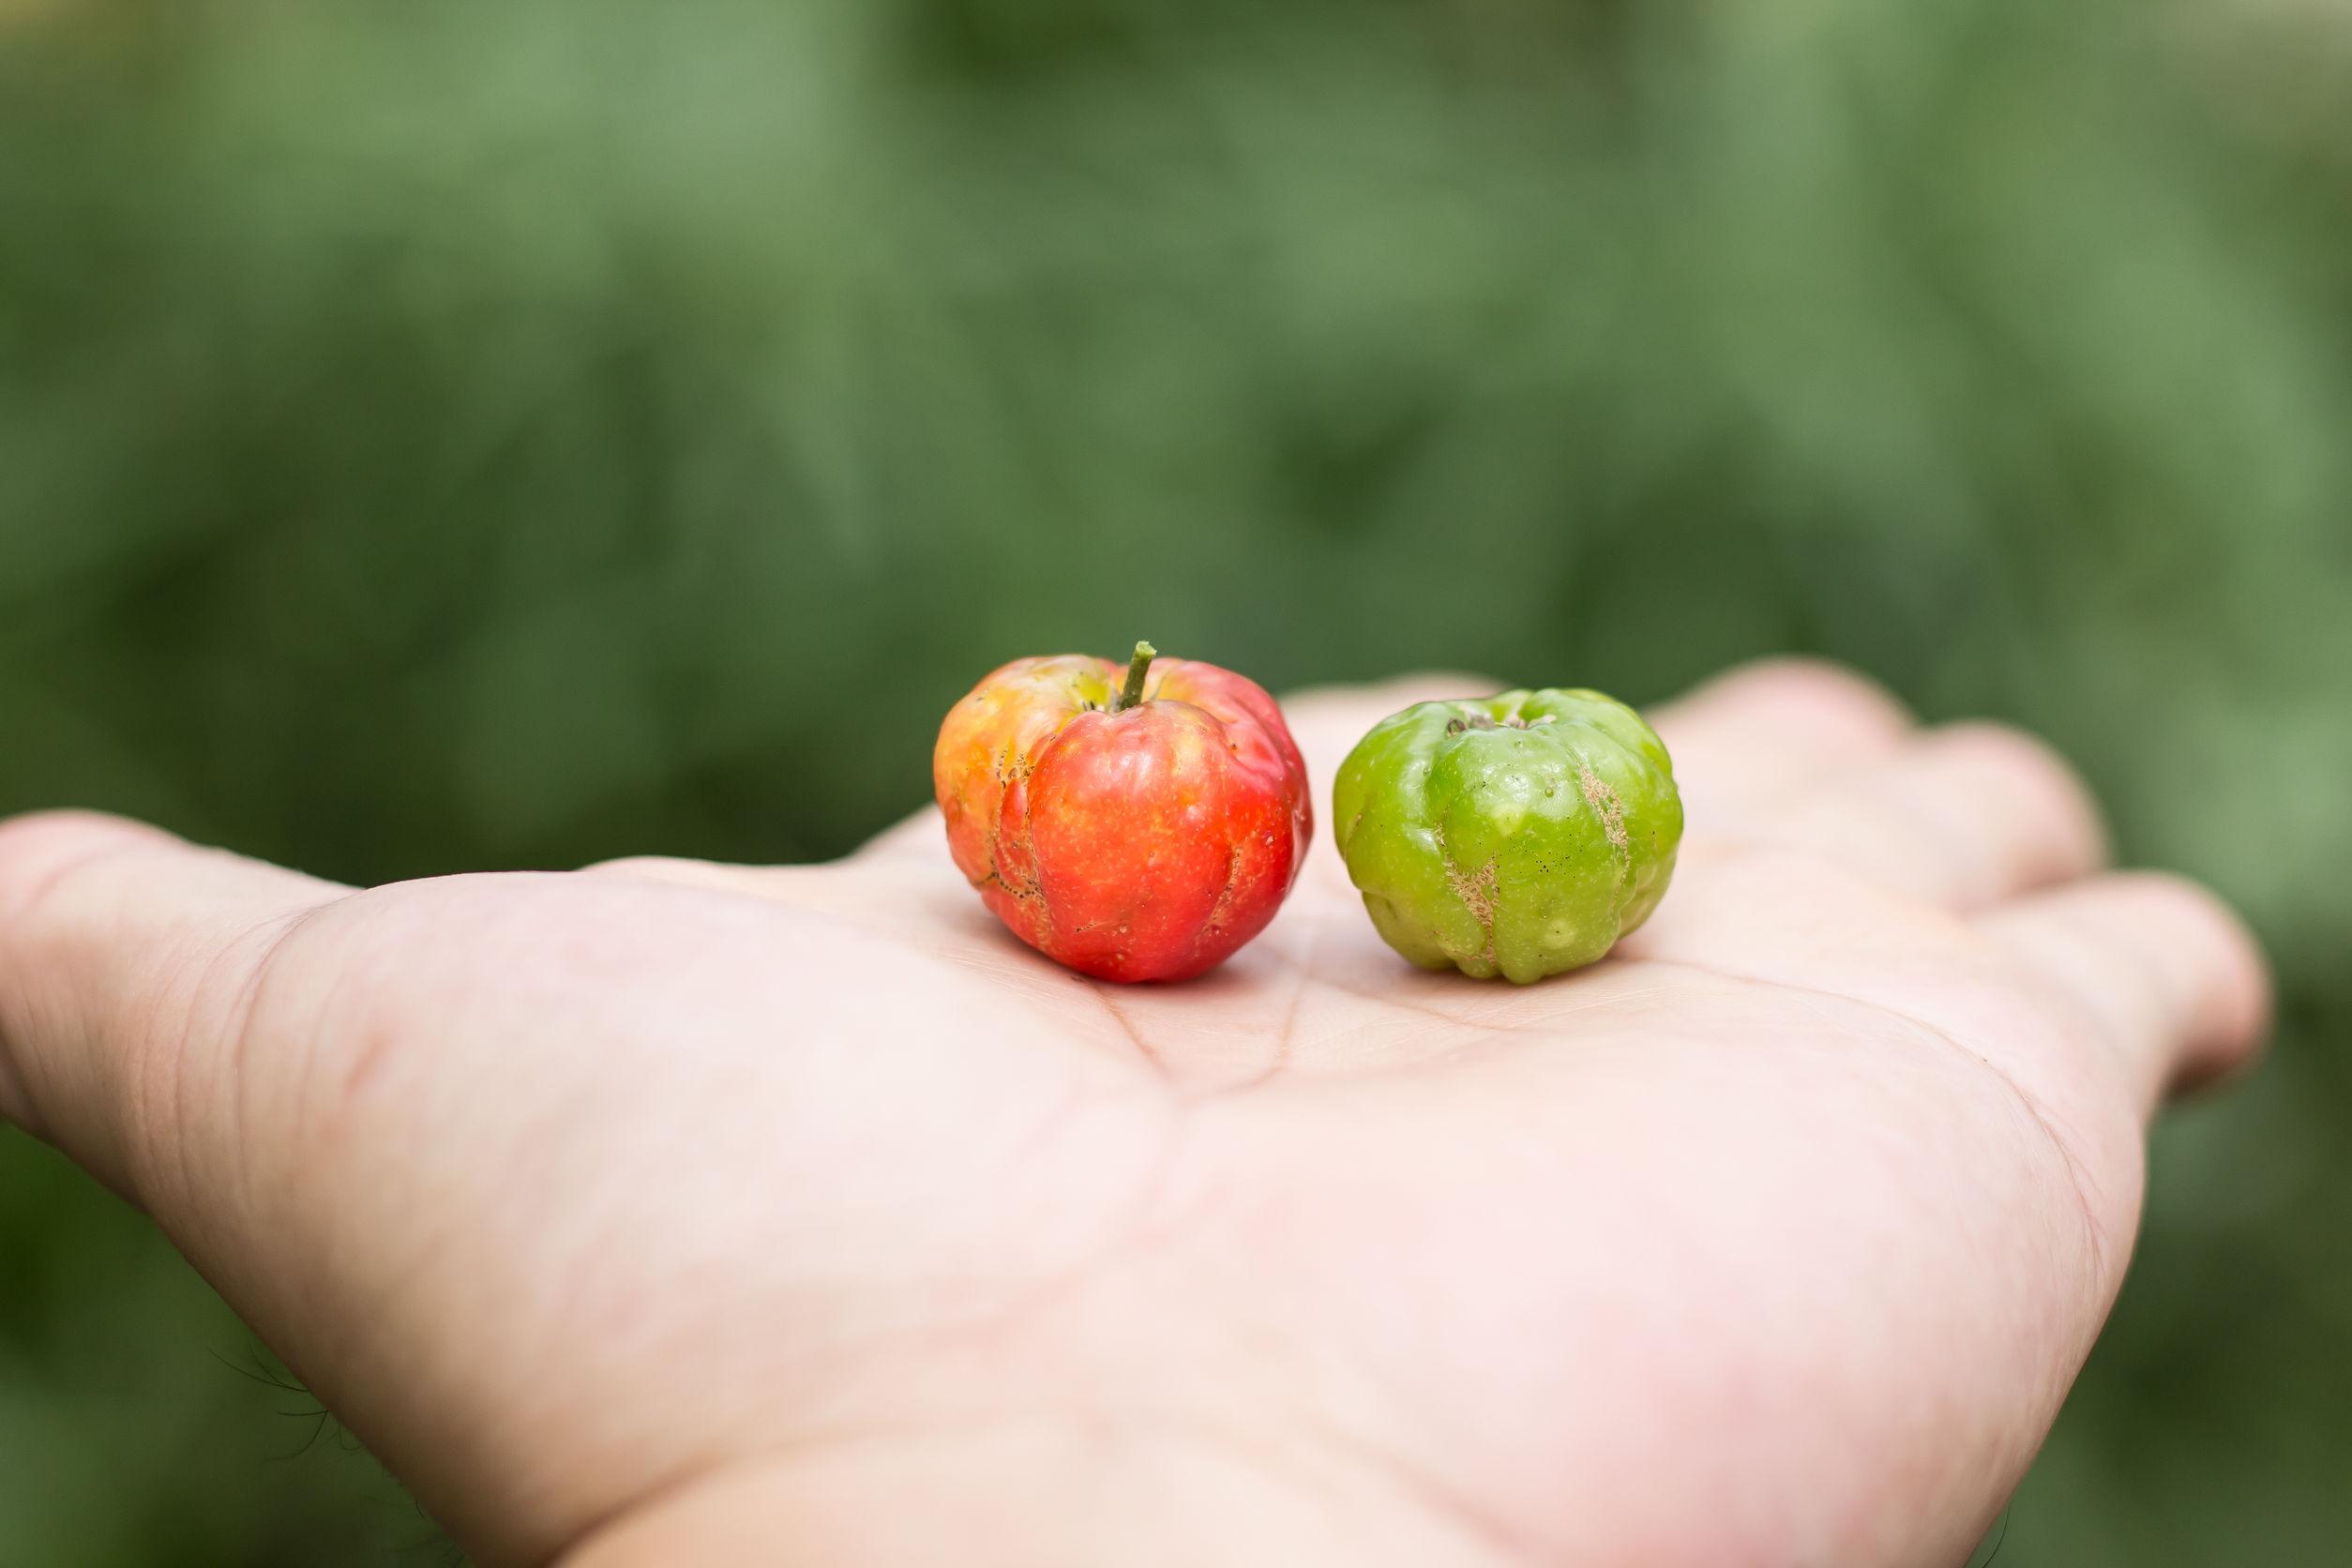 Acerloa blanca y verde en una mano